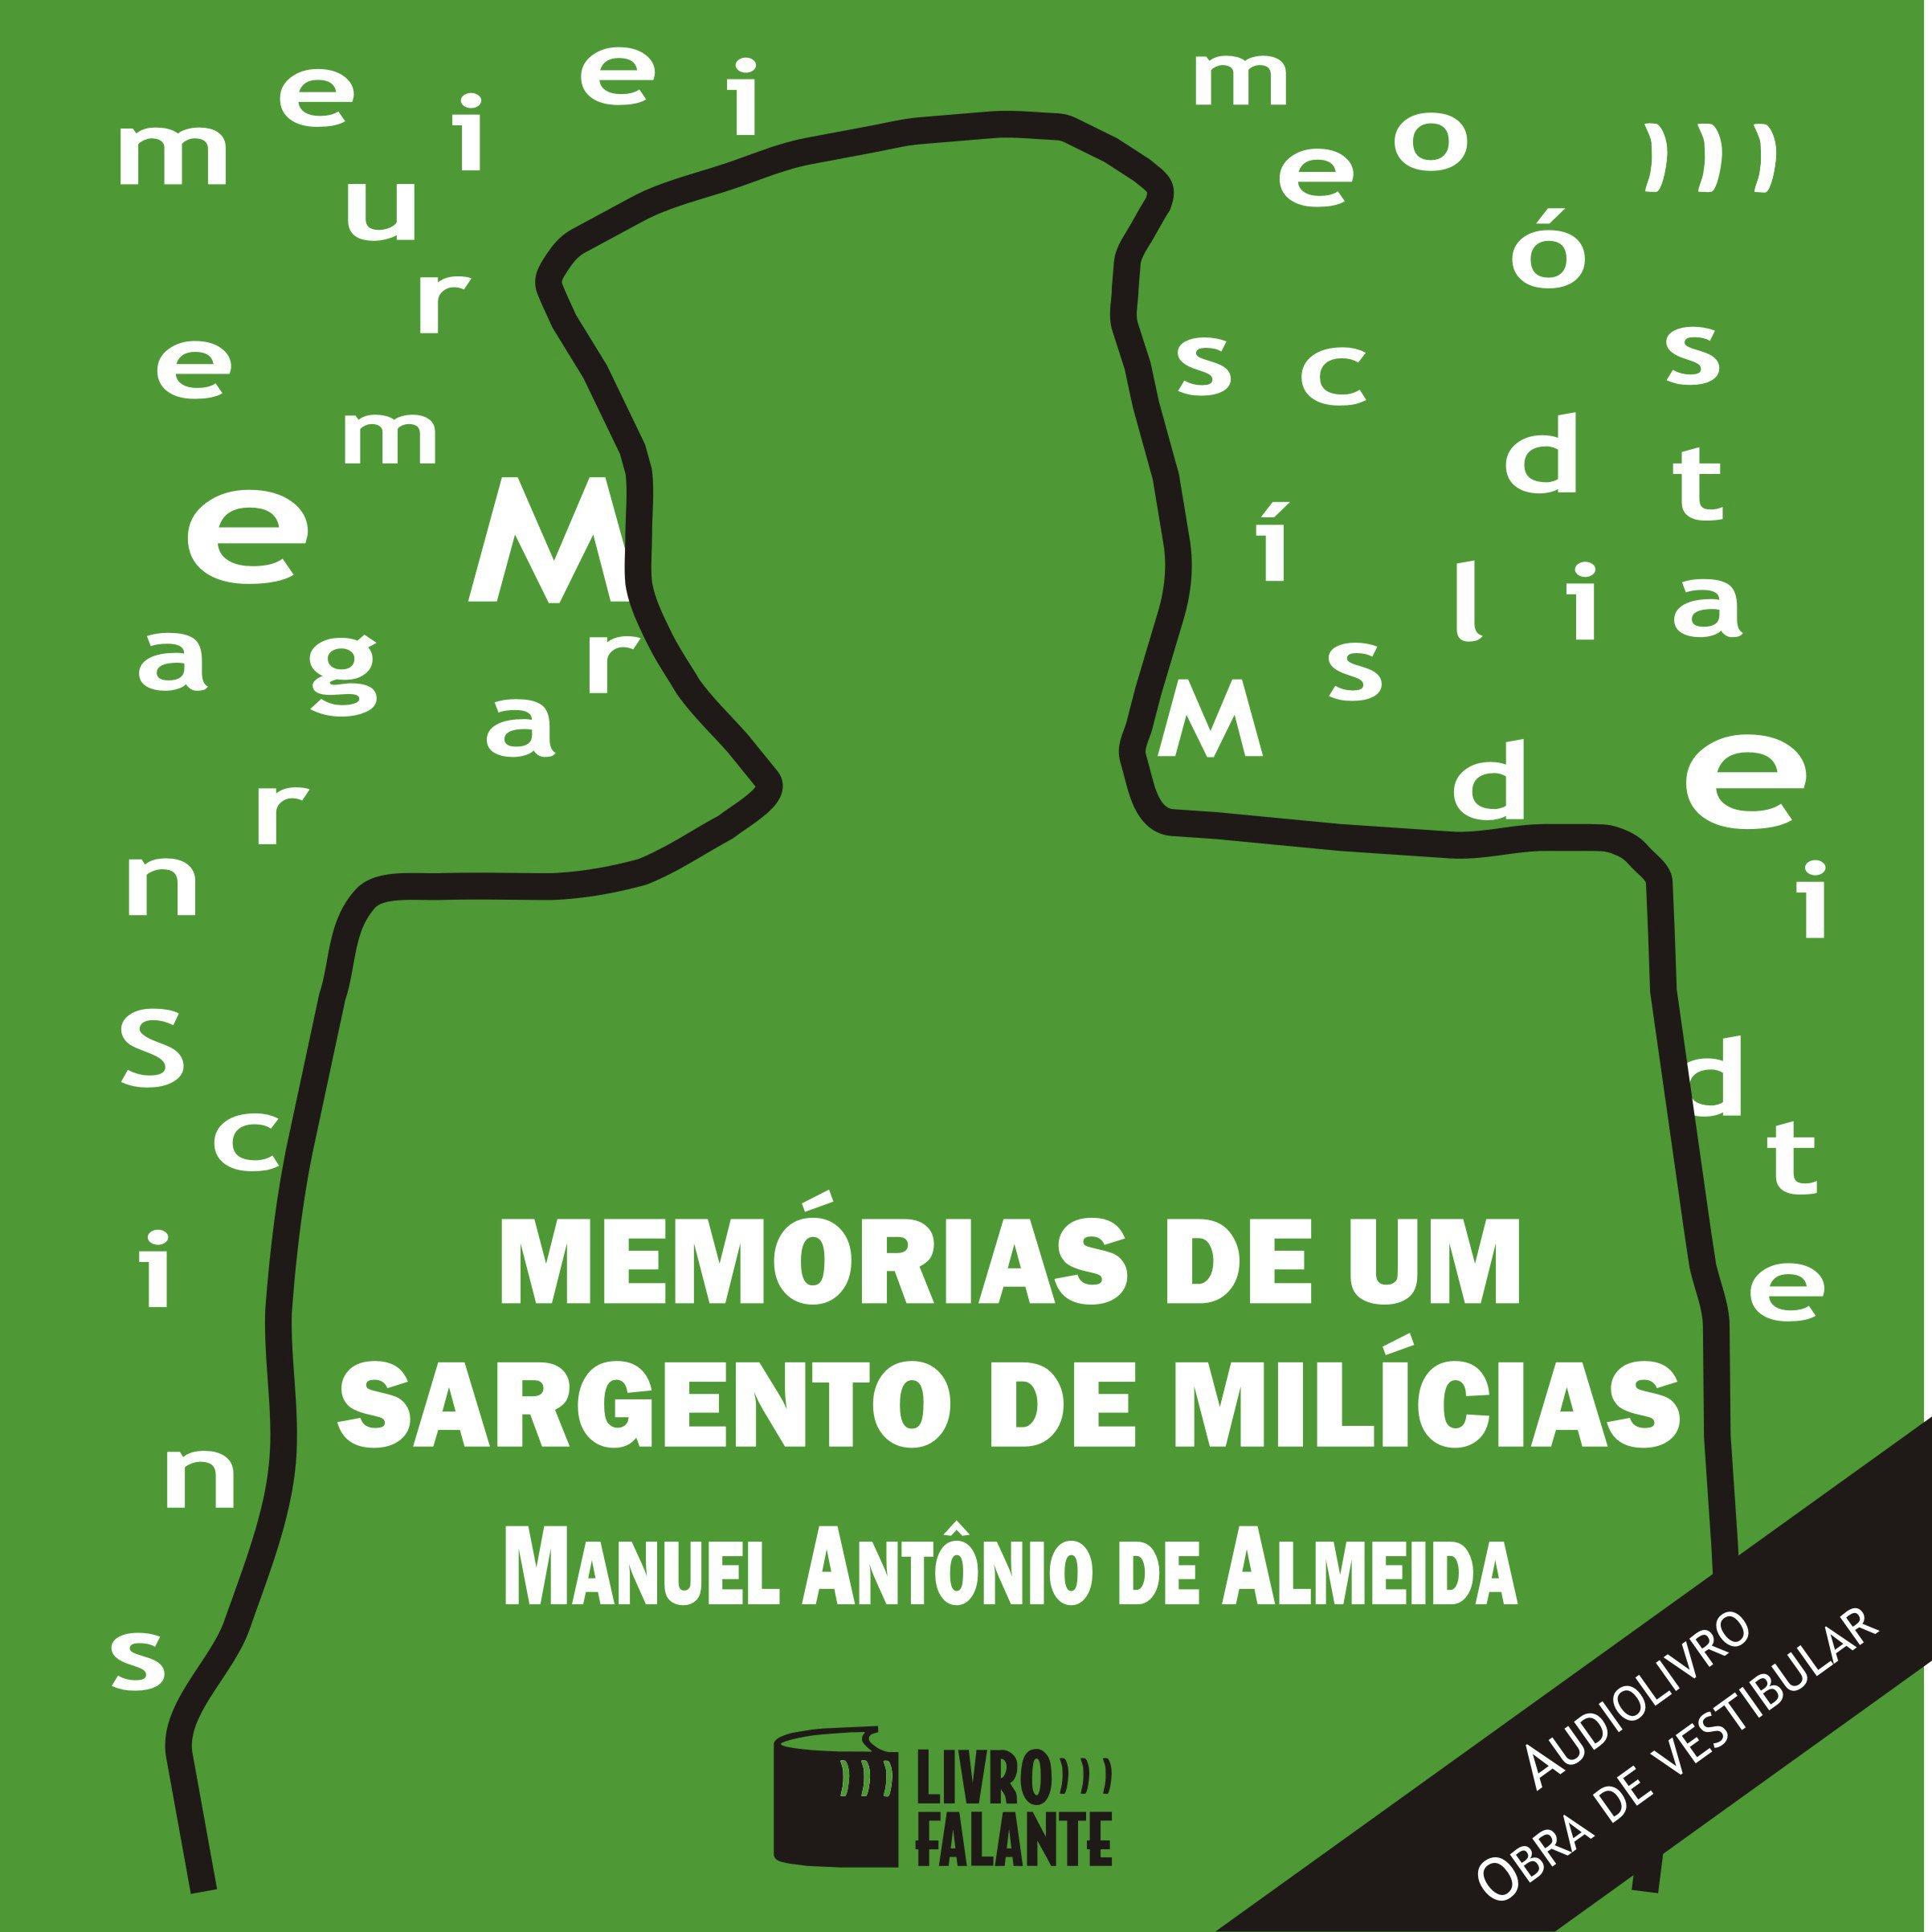 Memórias de um sargento de milícias | Audiolivro